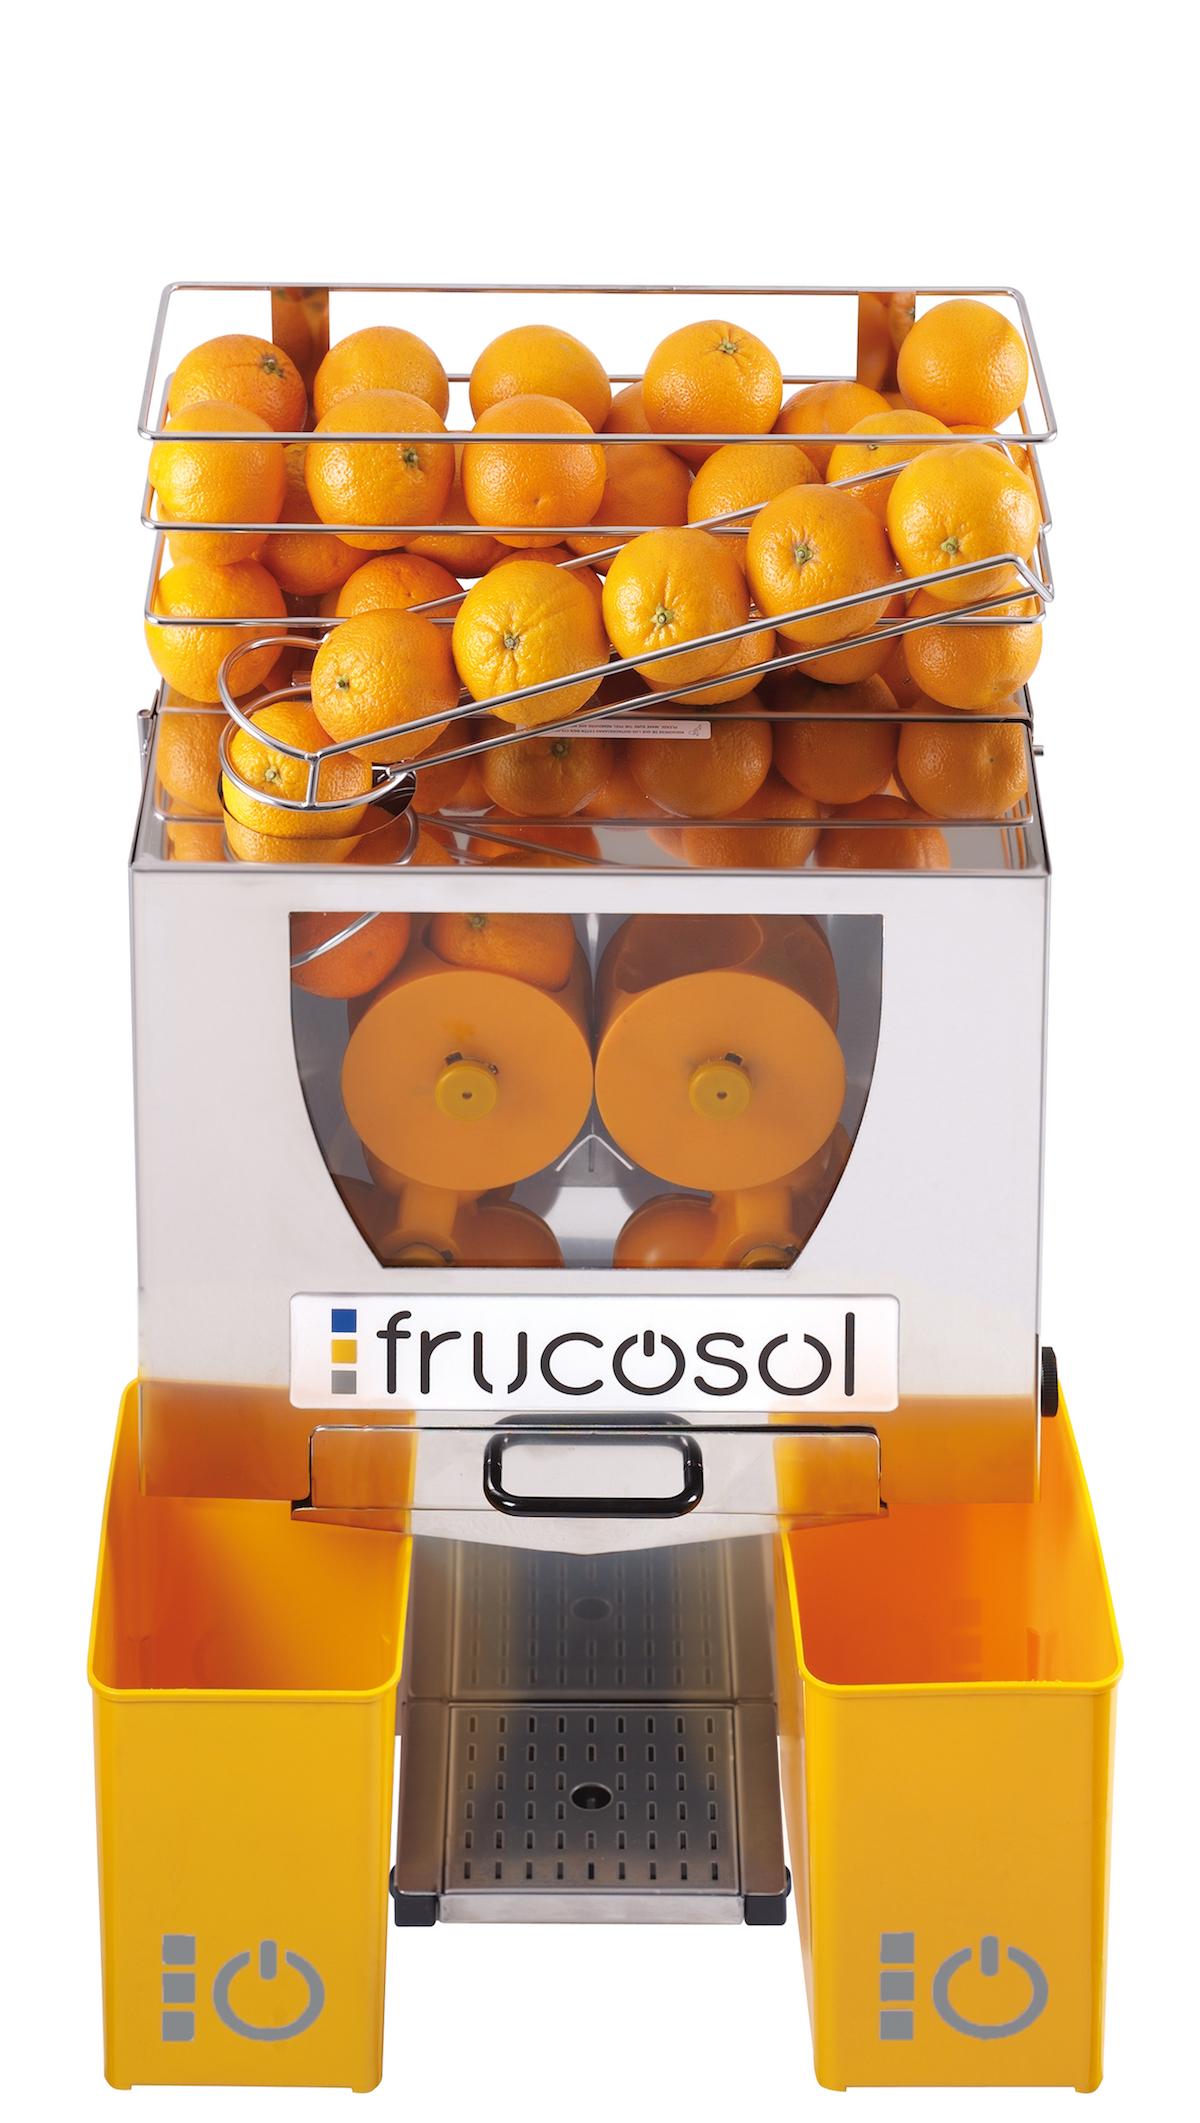 Frucosol F50 C Presse agrumes